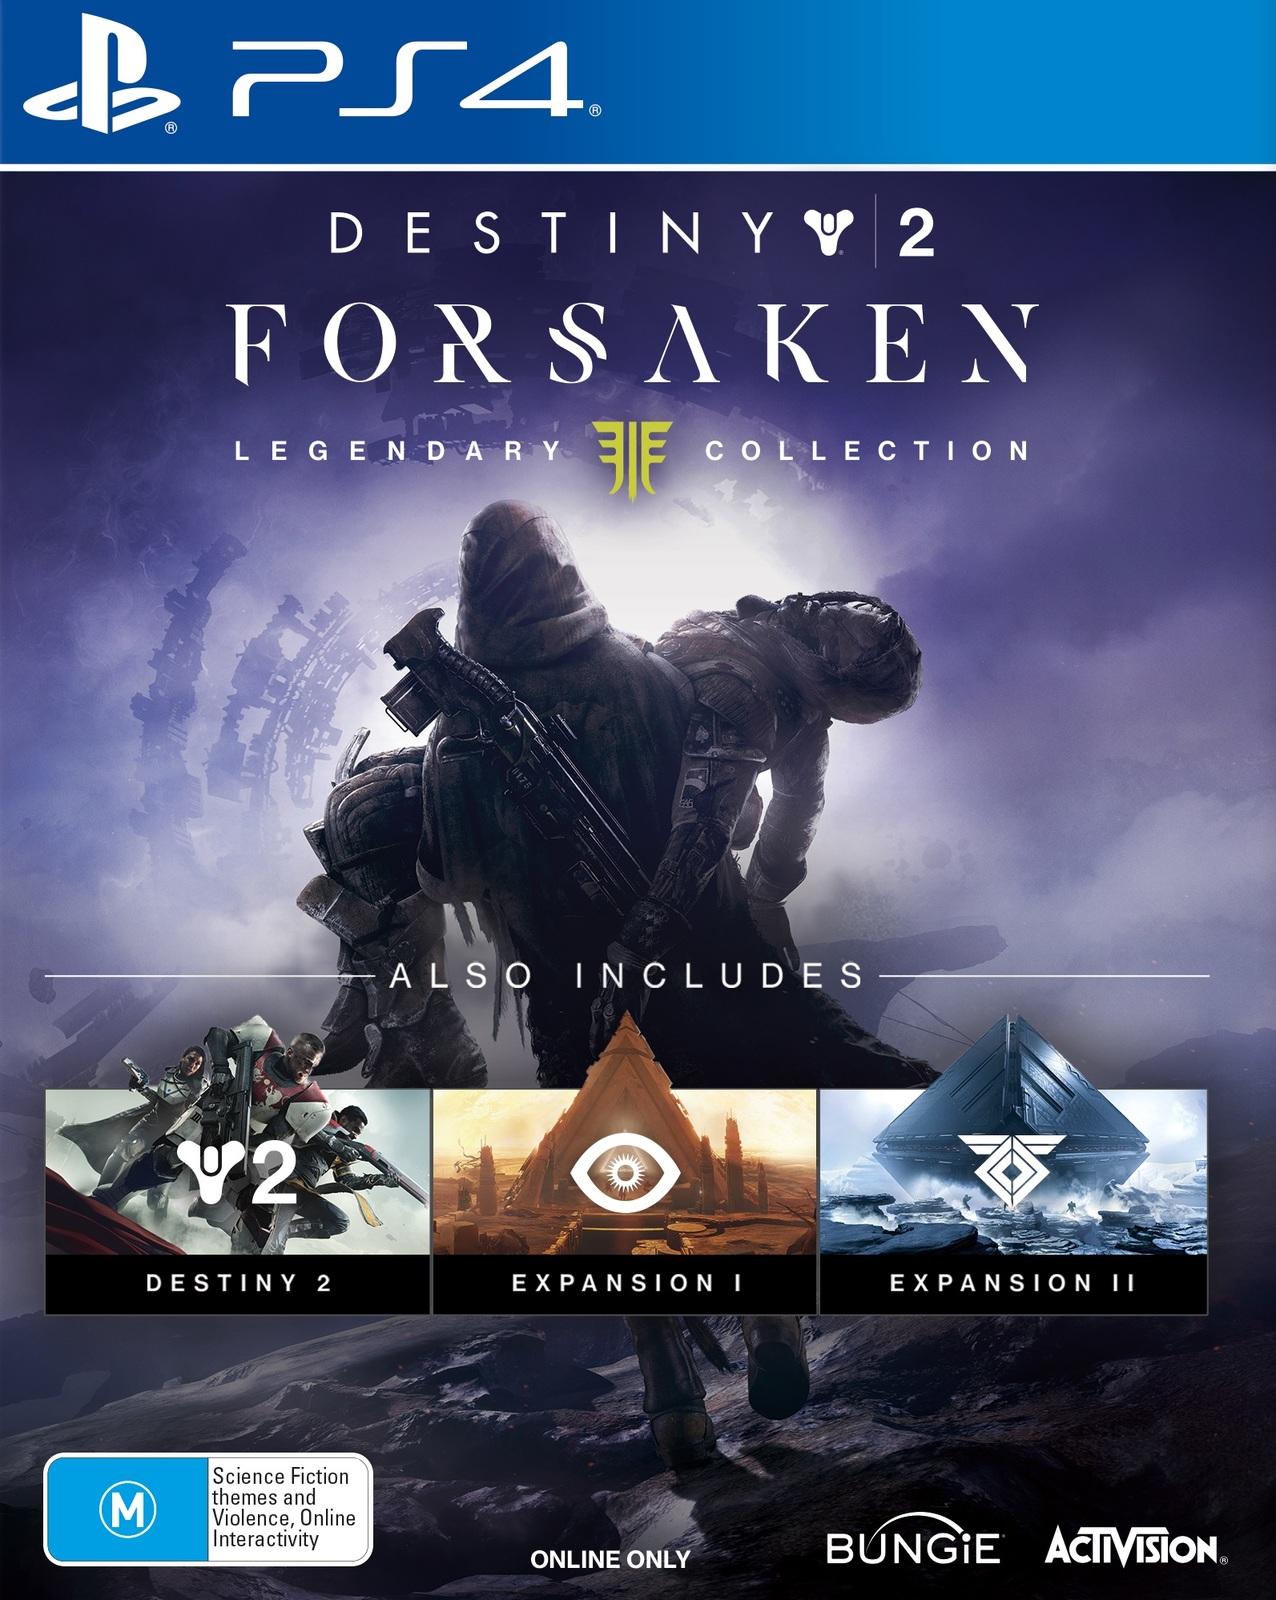 Destiny 2 Forsaken Legendary Collection for PS4 image